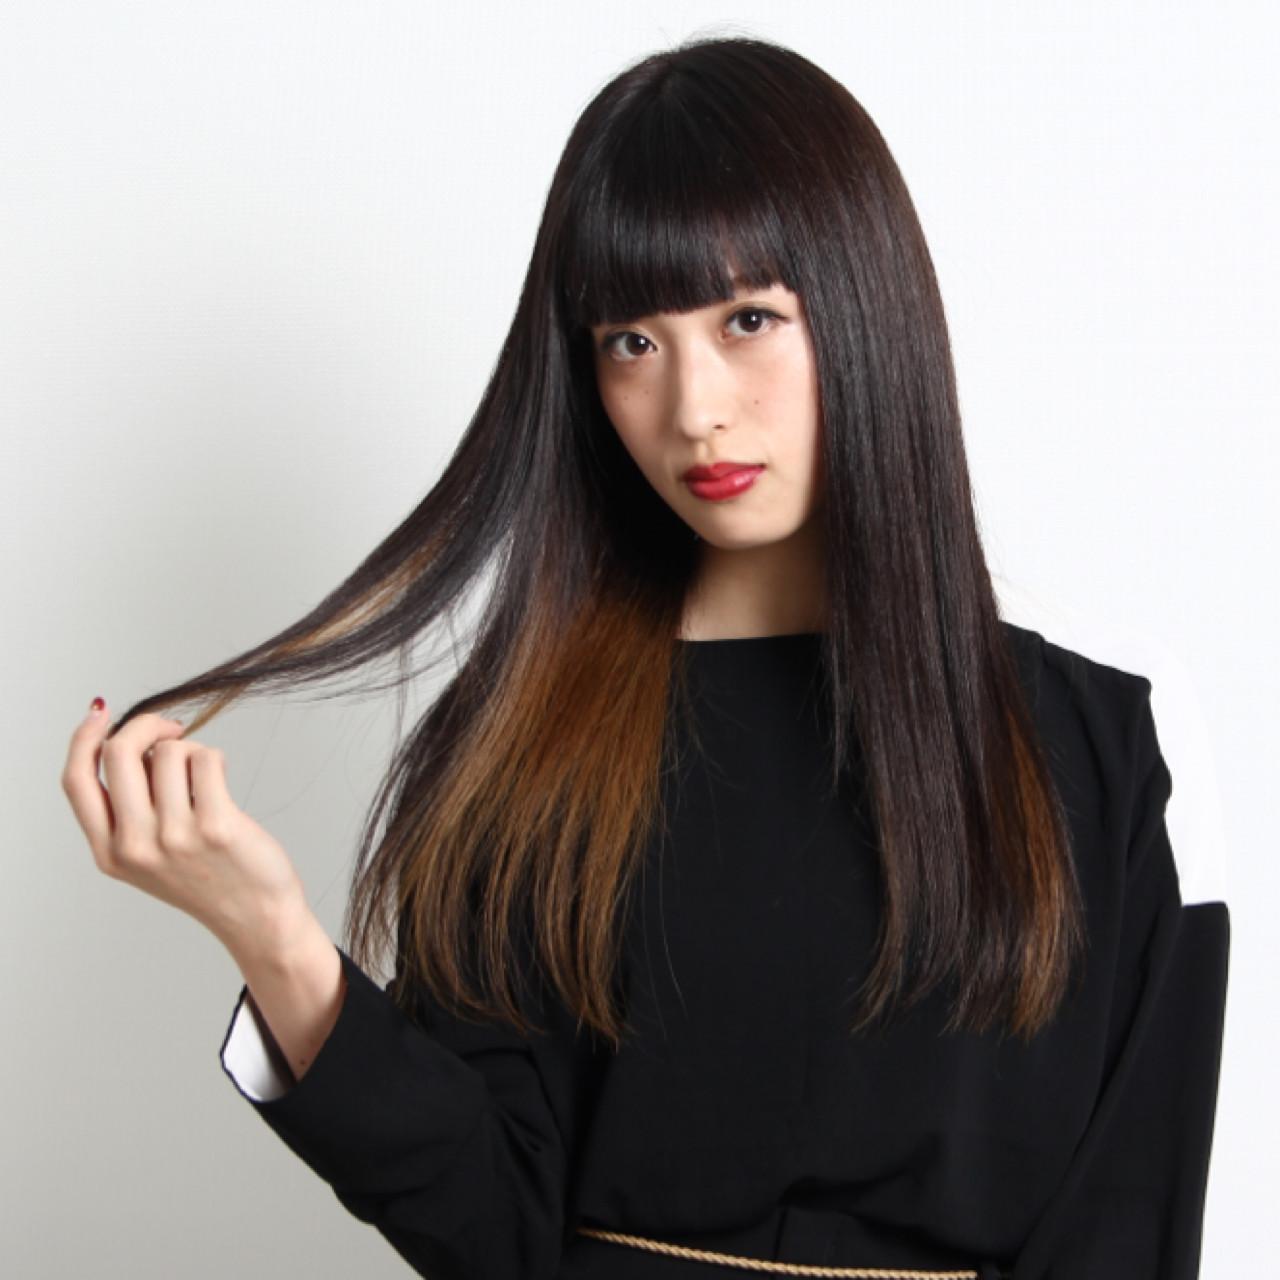 黒髪だからこそ出せるツヤ感で魅力的な女性に!3